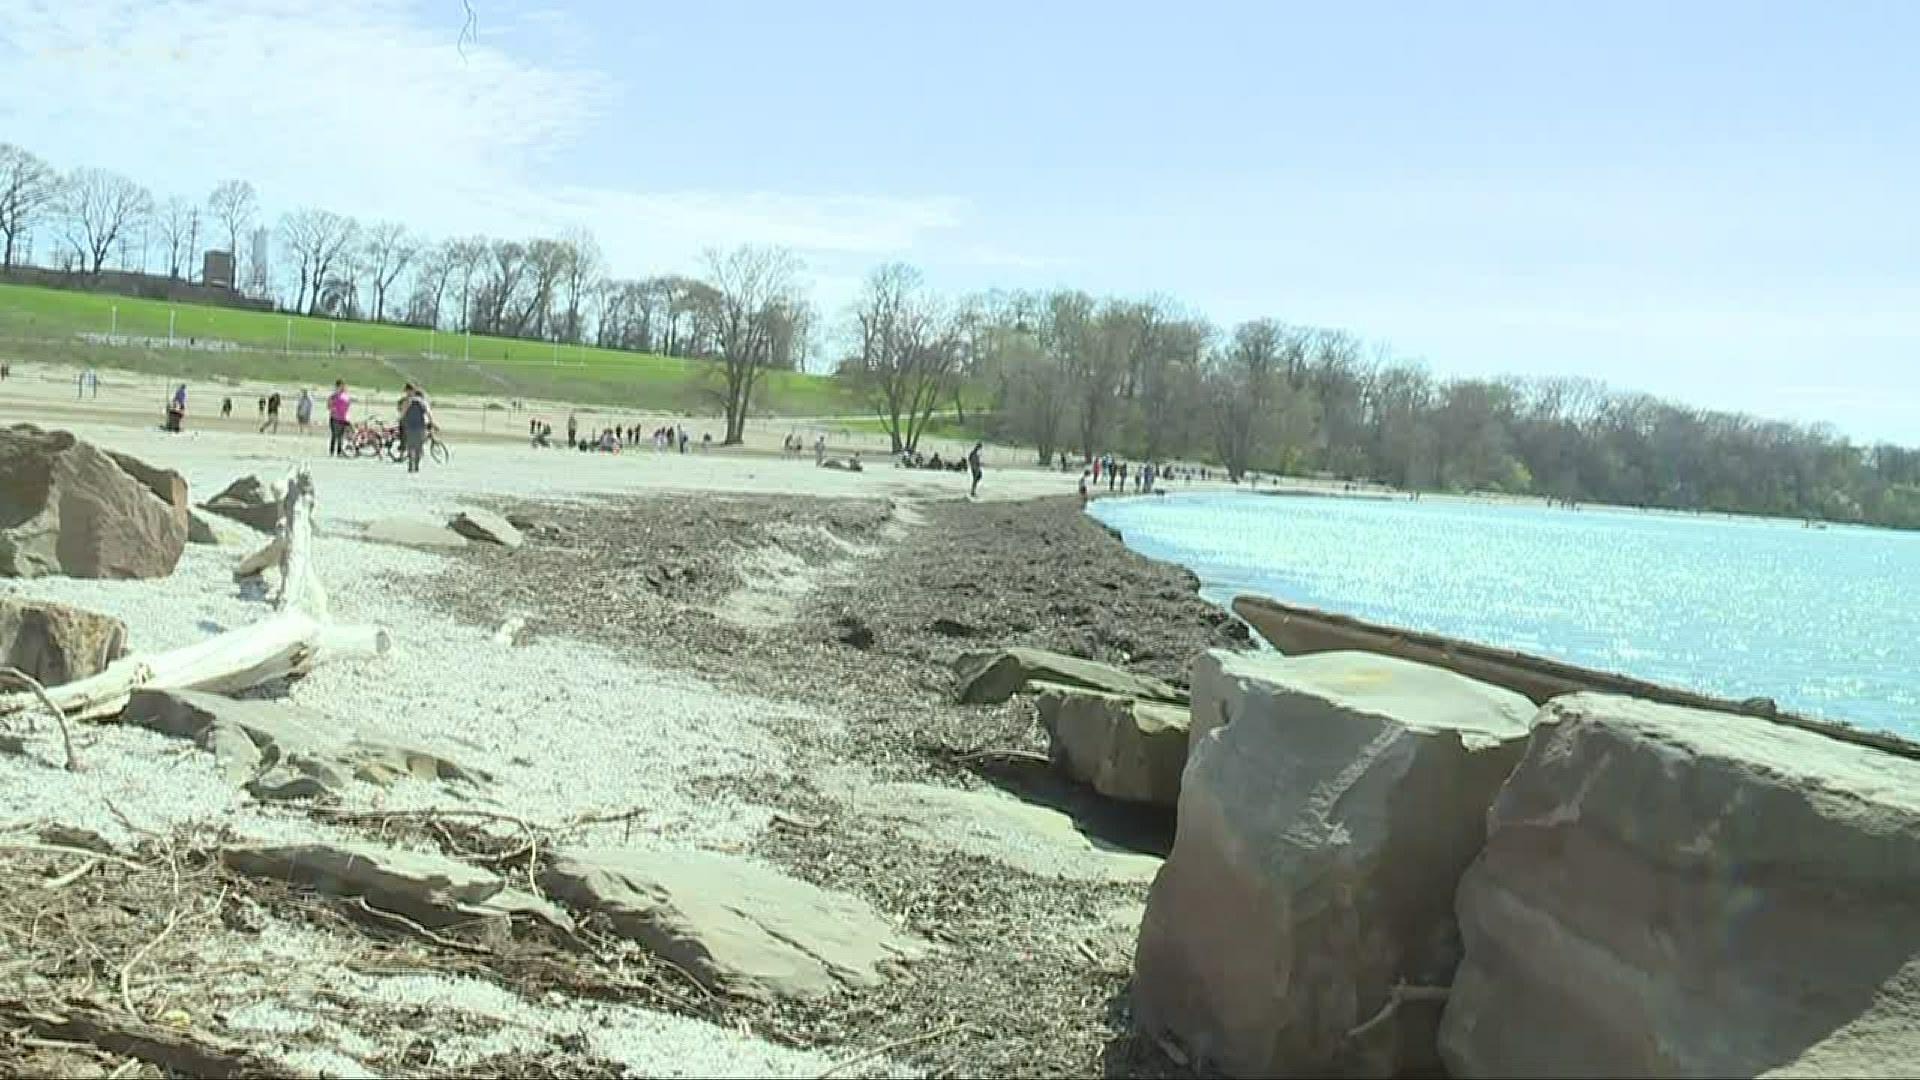 Warm Weather Draws Big Crowds To Northeast Ohio Beaches Parks Wkyc Com